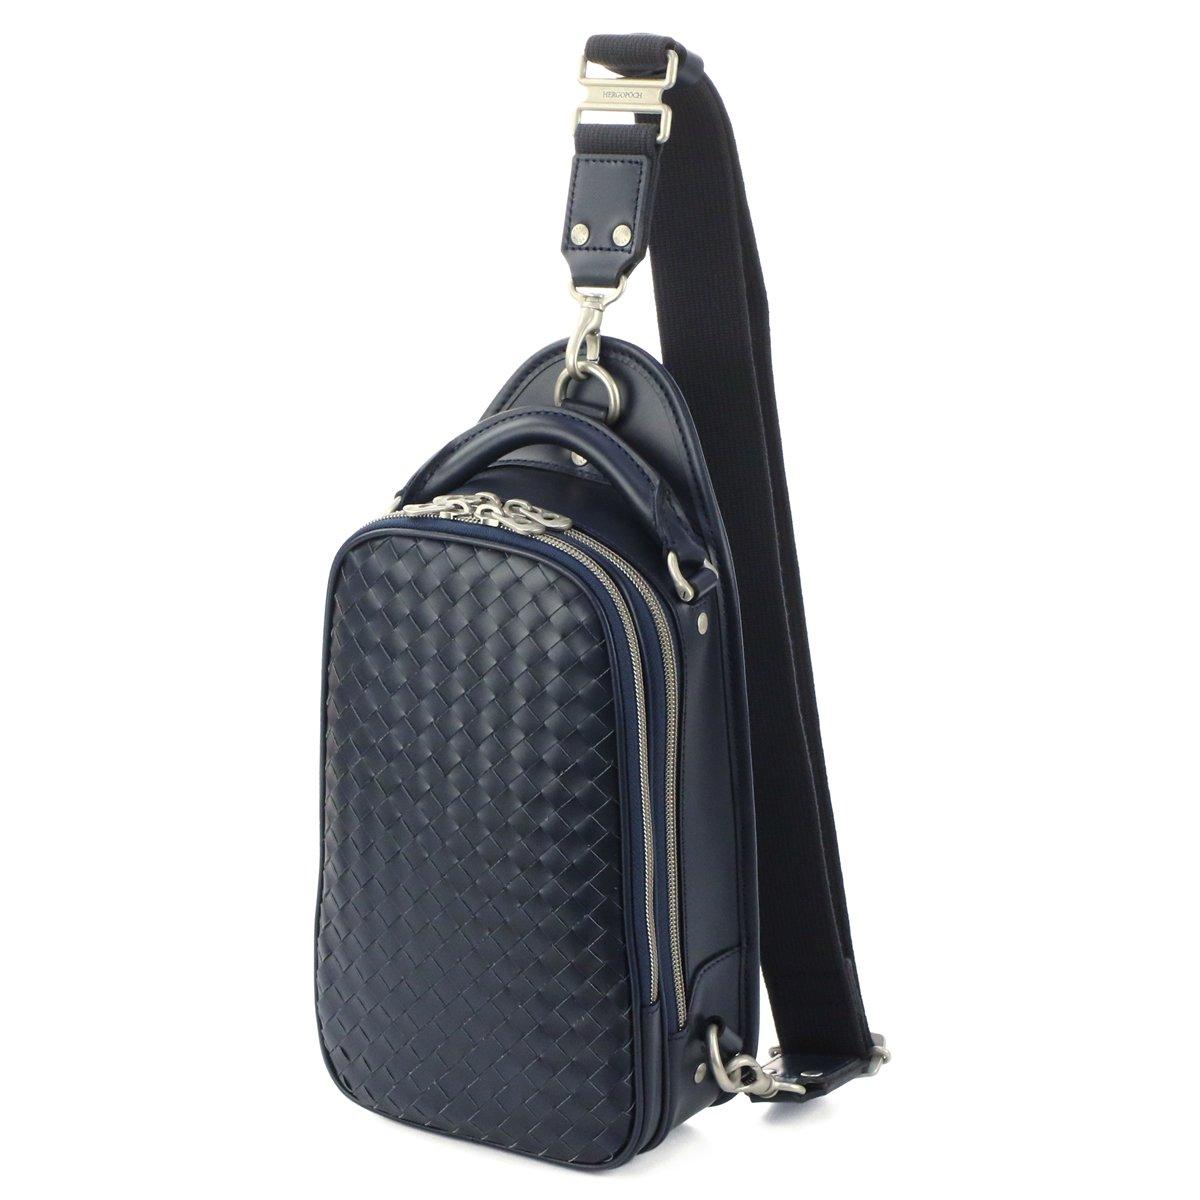 [エルゴポック] ワンショルダーバッグ 本革 06 ワキシングレザー 06I-OS メンズ B07CPYCWRF ミッドナイトブルー ミッドナイトブルー